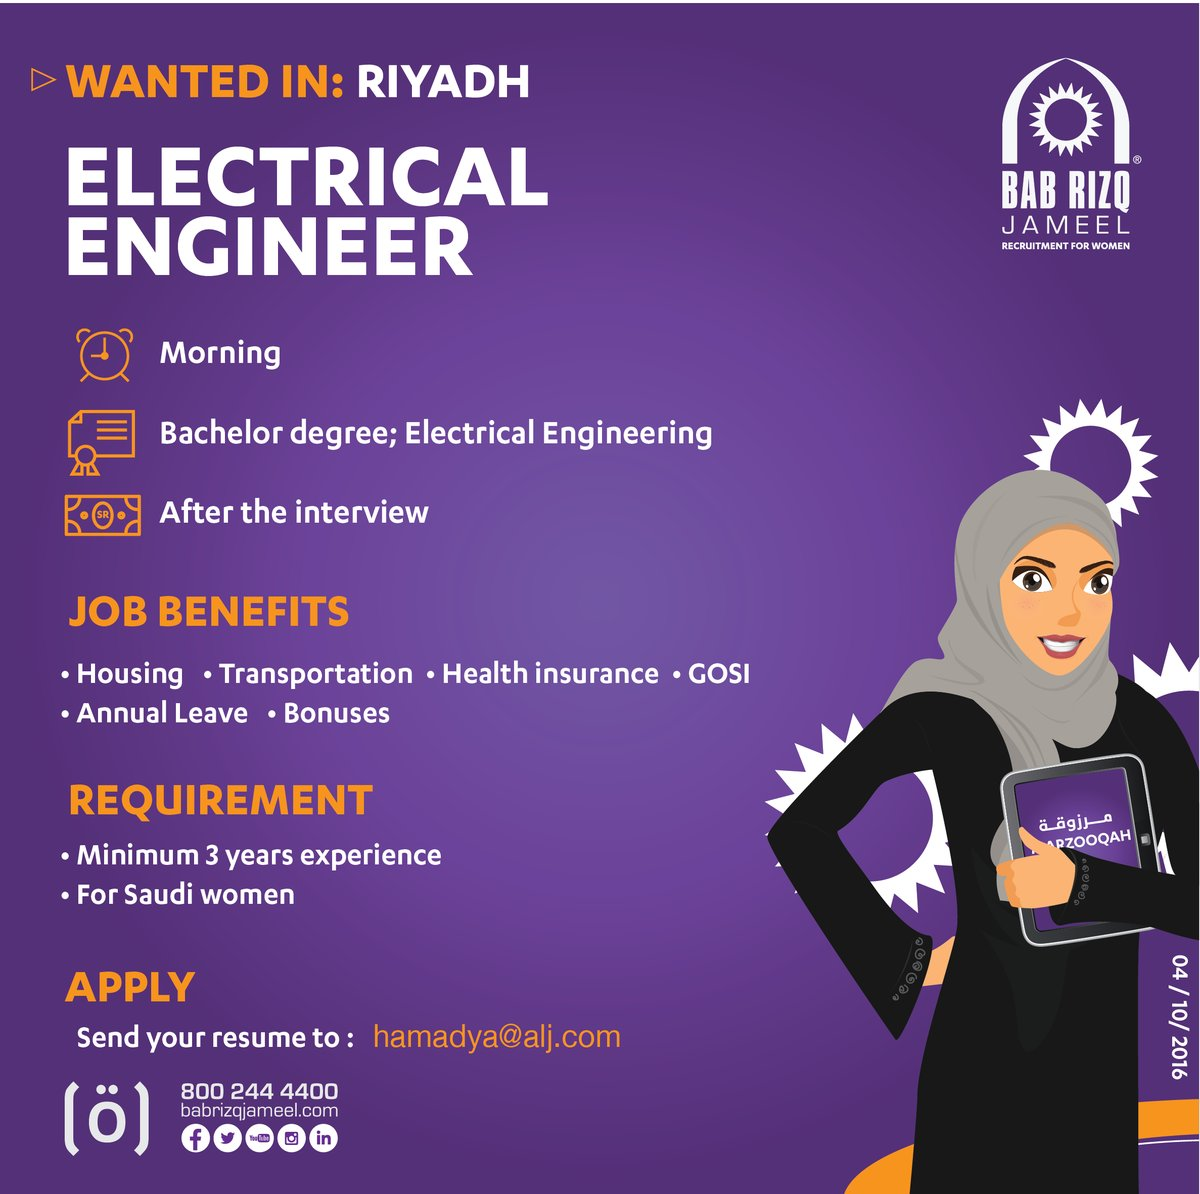 مطلوب مهندسة كهربائية - الرياض